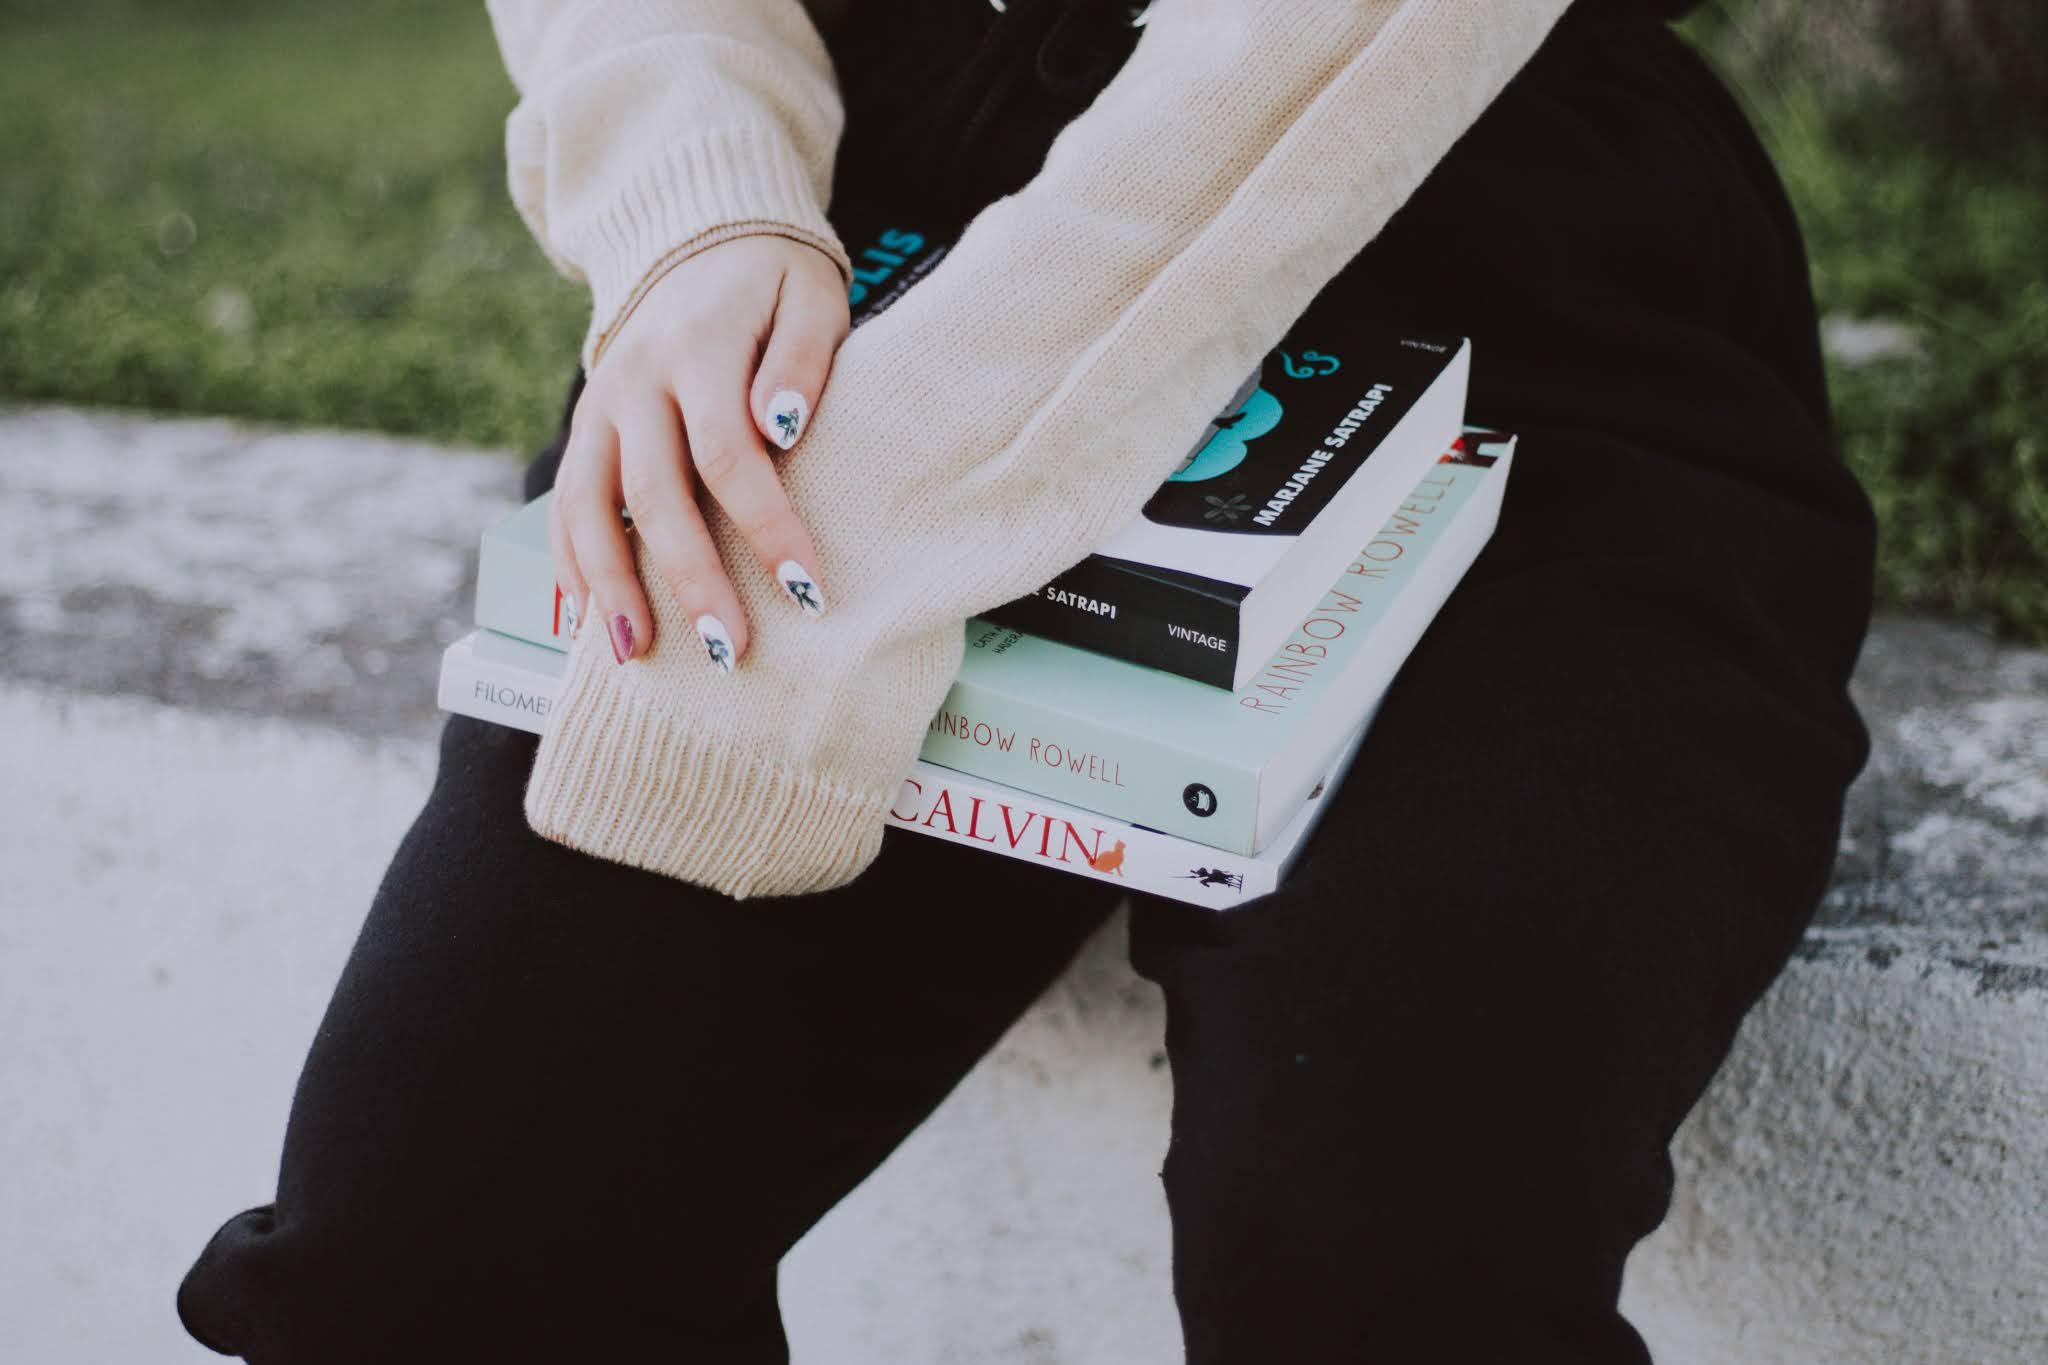 Comprar livros novos é ótimo, mas comprar livros em 2ª mão ainda é melhor - imaginem, livros quase novos a um preço muito mais acessível que o preço em loja. Parece-vos bem? A mim sim! Compro livros novos sim, mas recorro muito a plataformas de venda em segunda mão (para vender também). Por isso, reuni as três plataformas que uso num só post, para quem estiver curioso. E claro, partilho os meus comfy outfits.